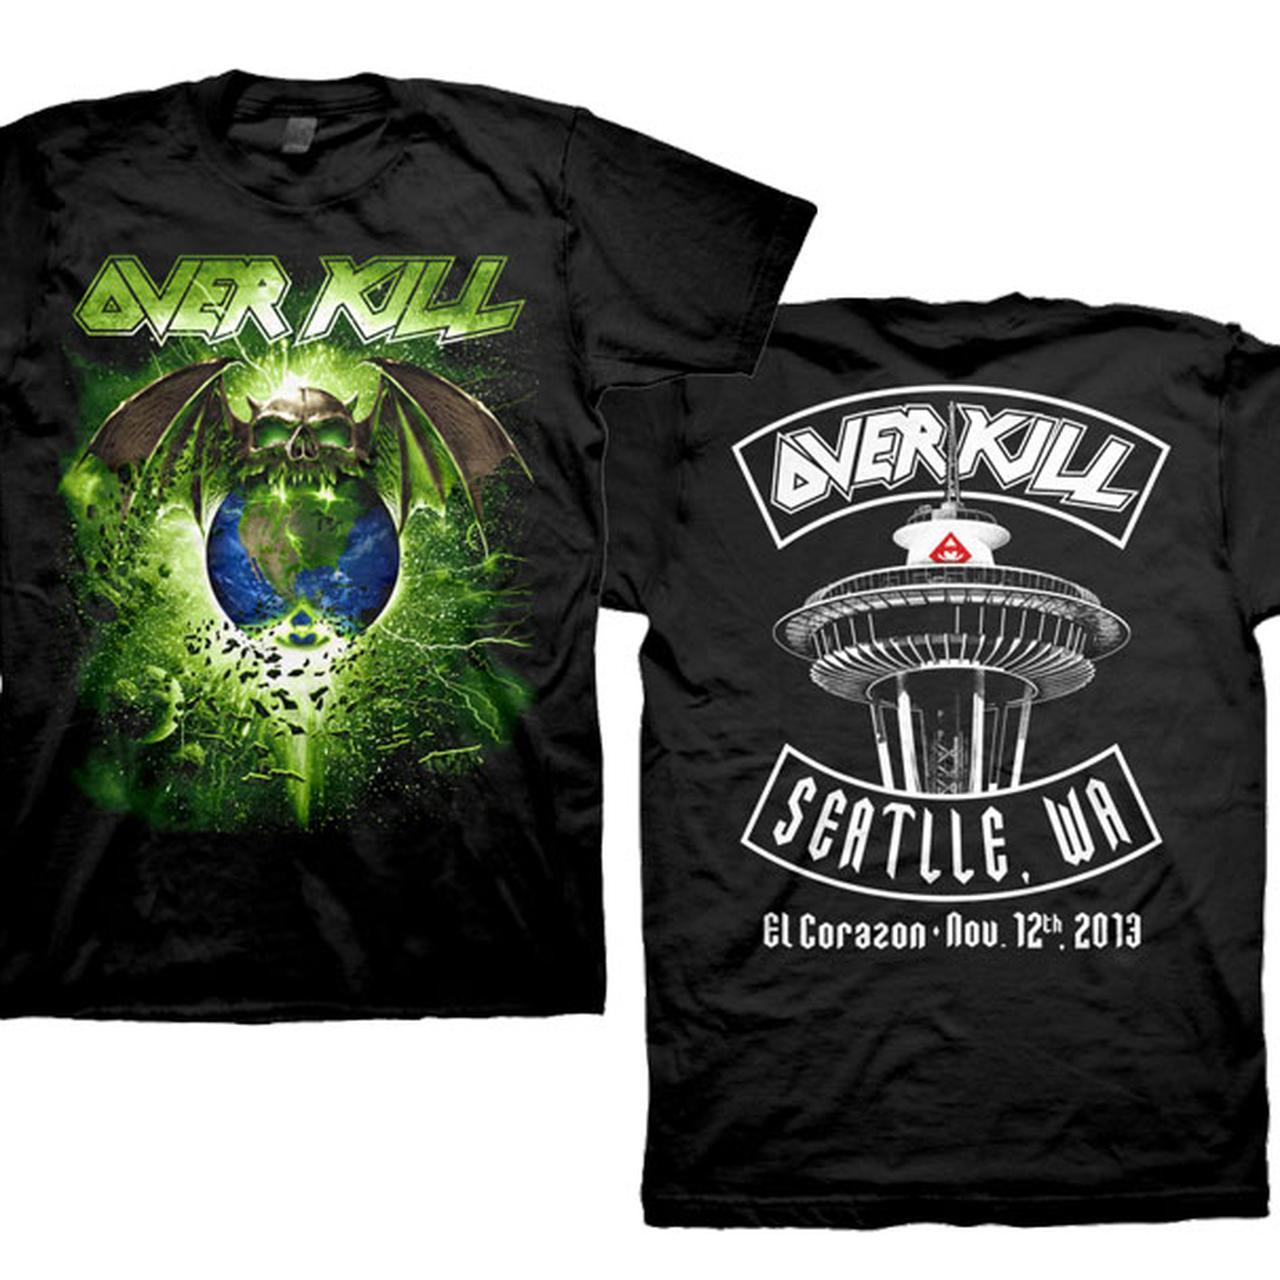 Overkill Seattle T Shirt